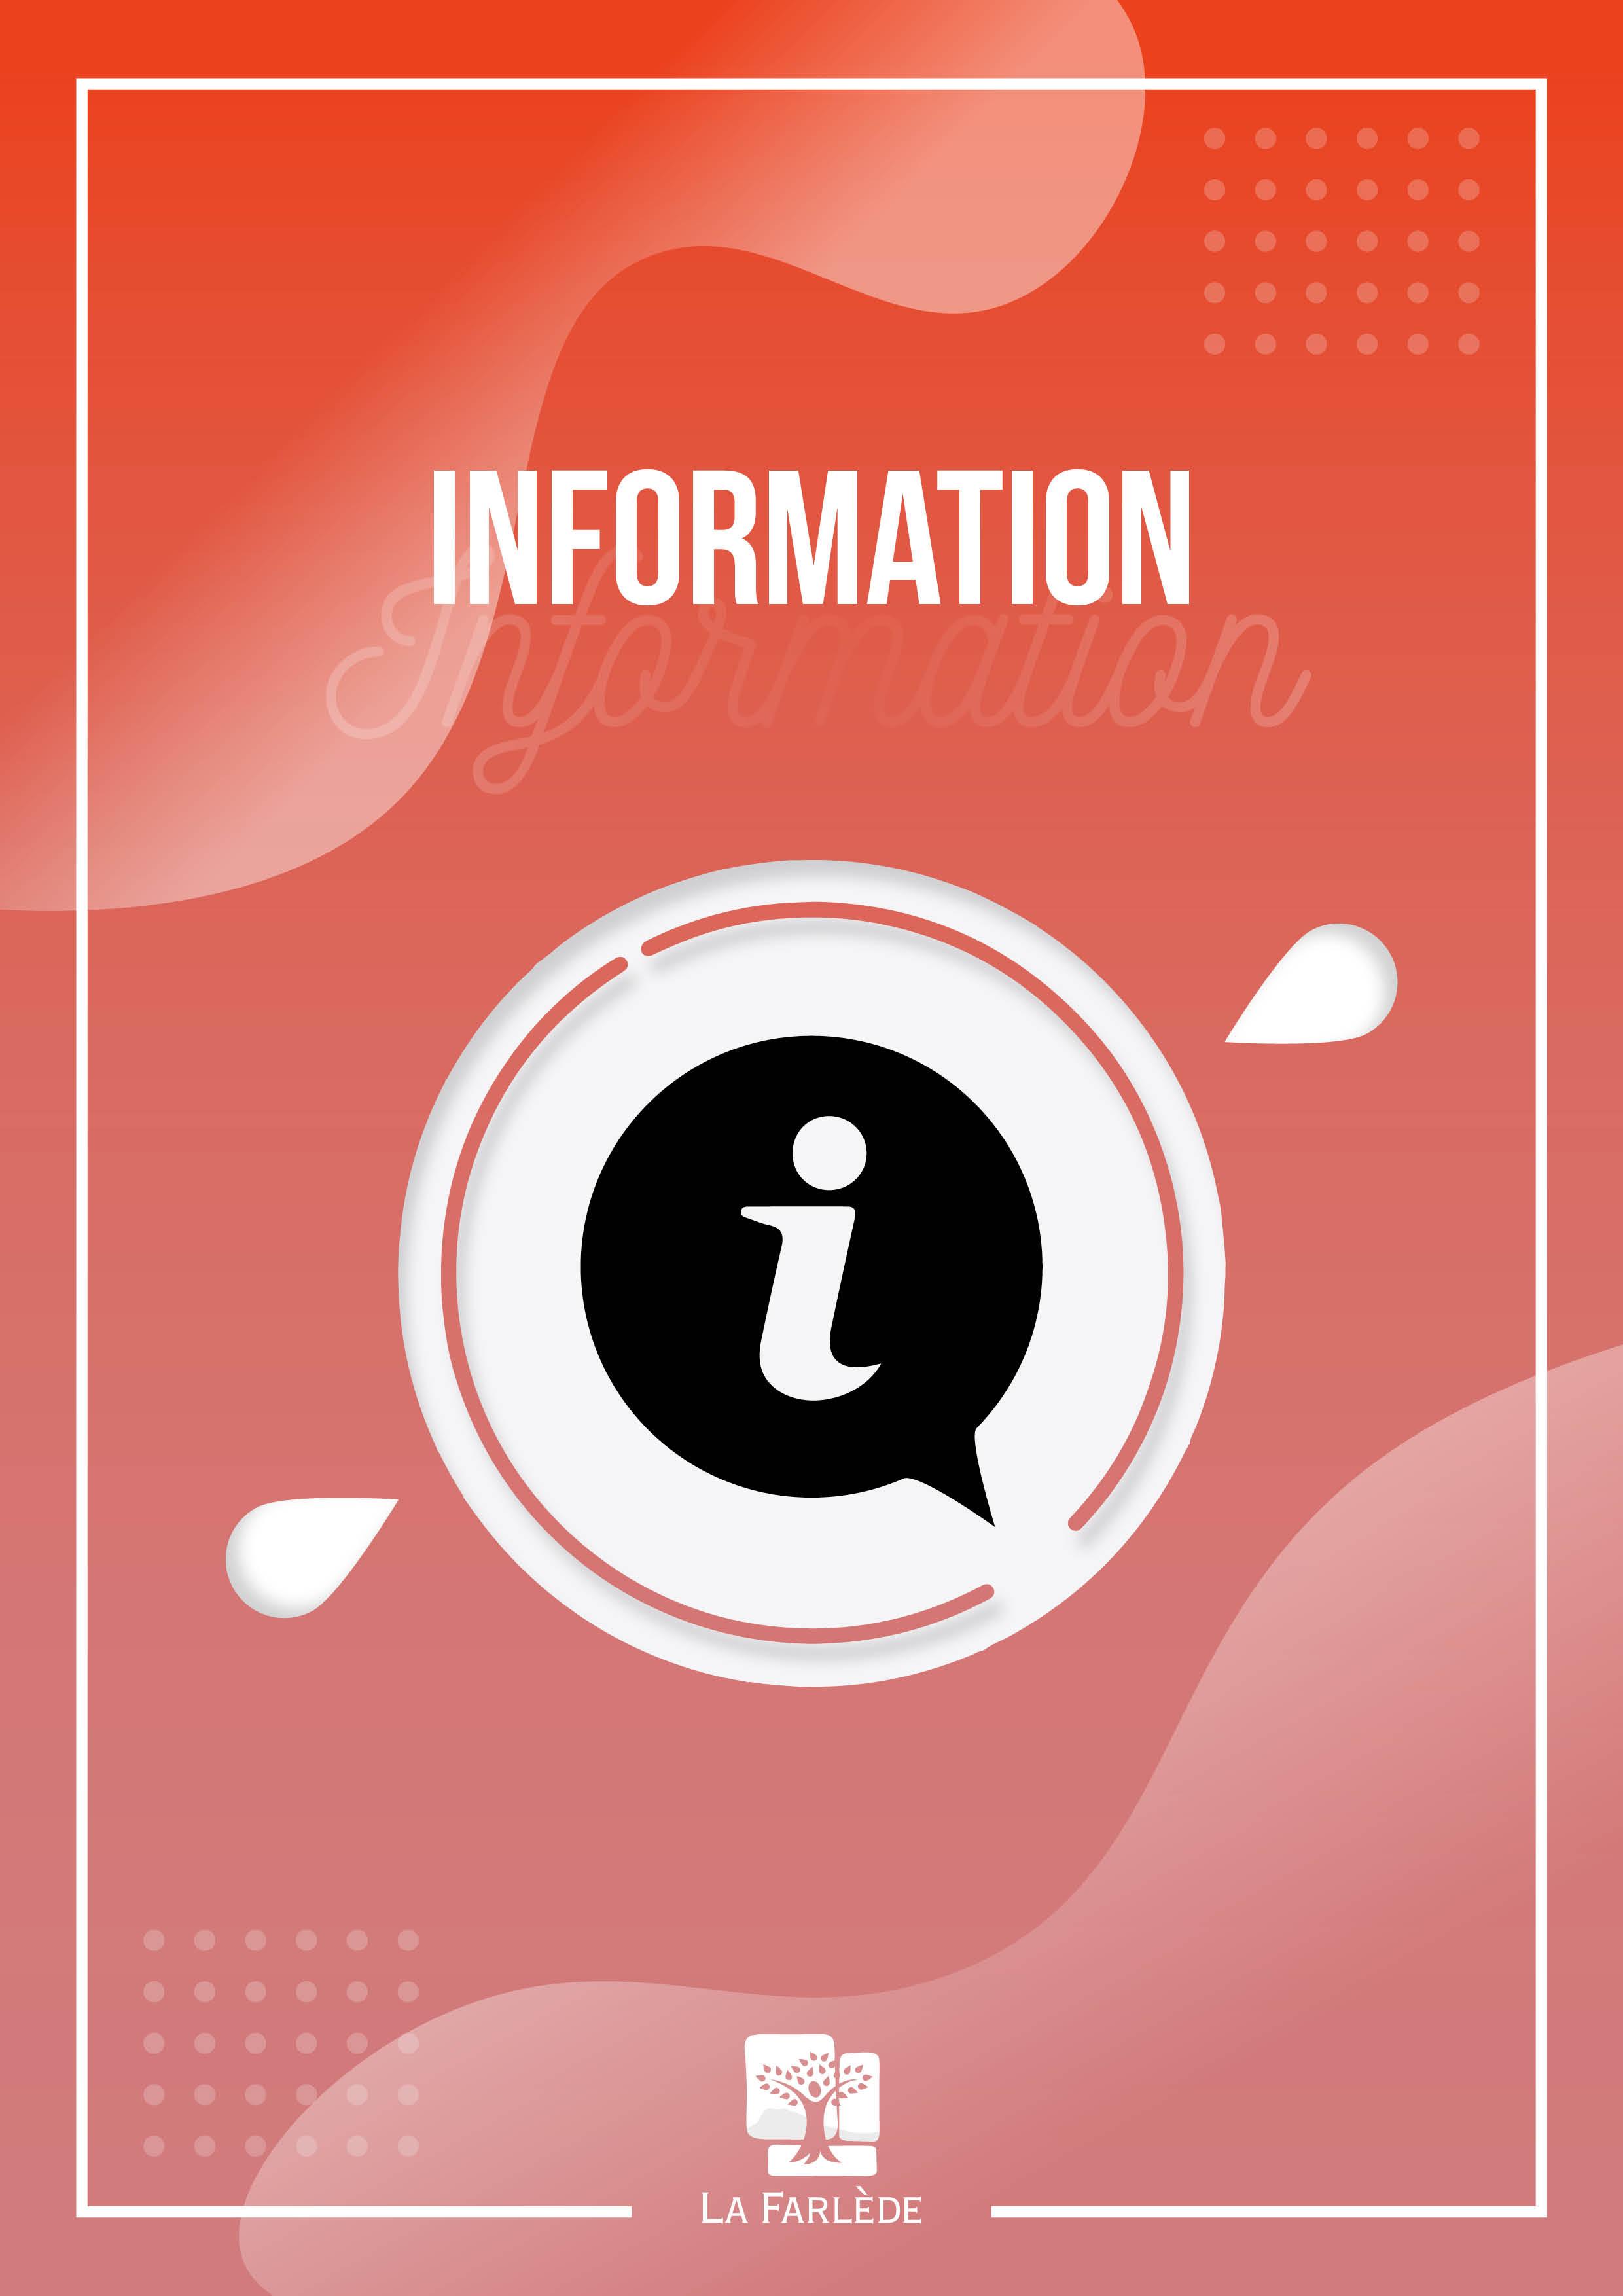 fondvisuelsweb-information.jpg